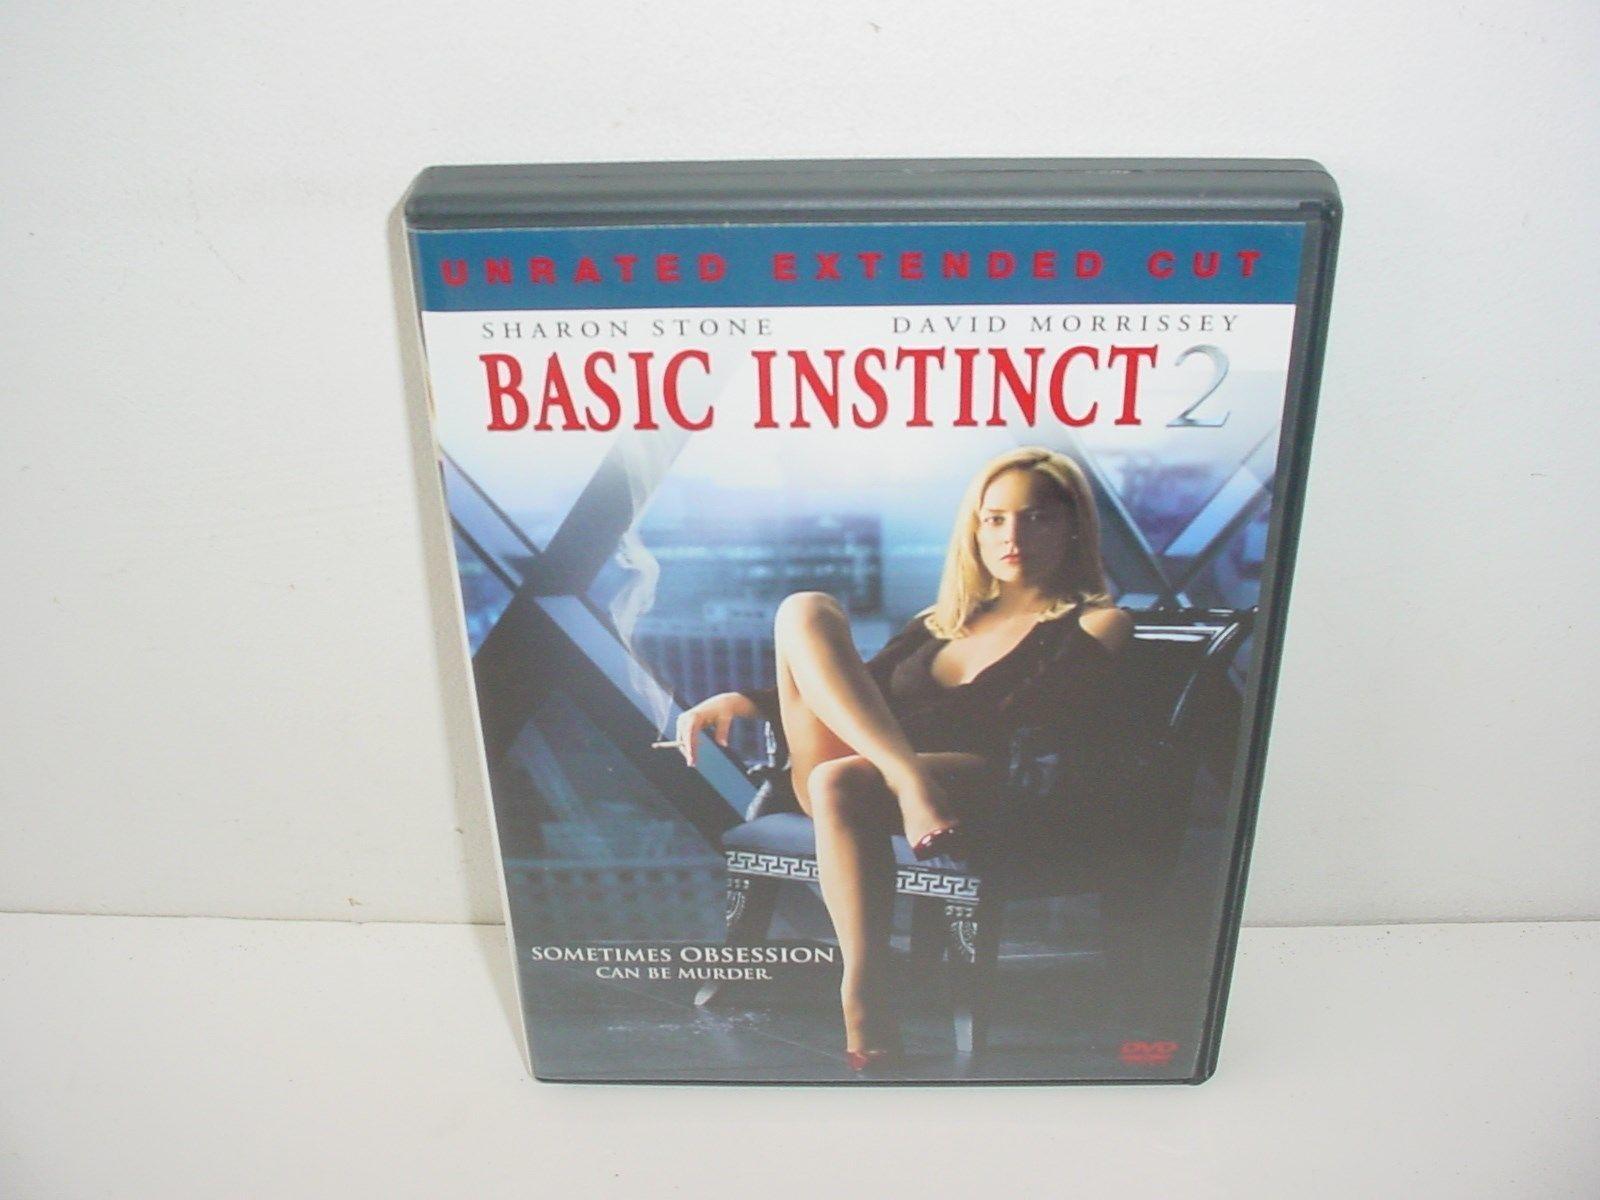 Basic Instinct 2 DVD Movie